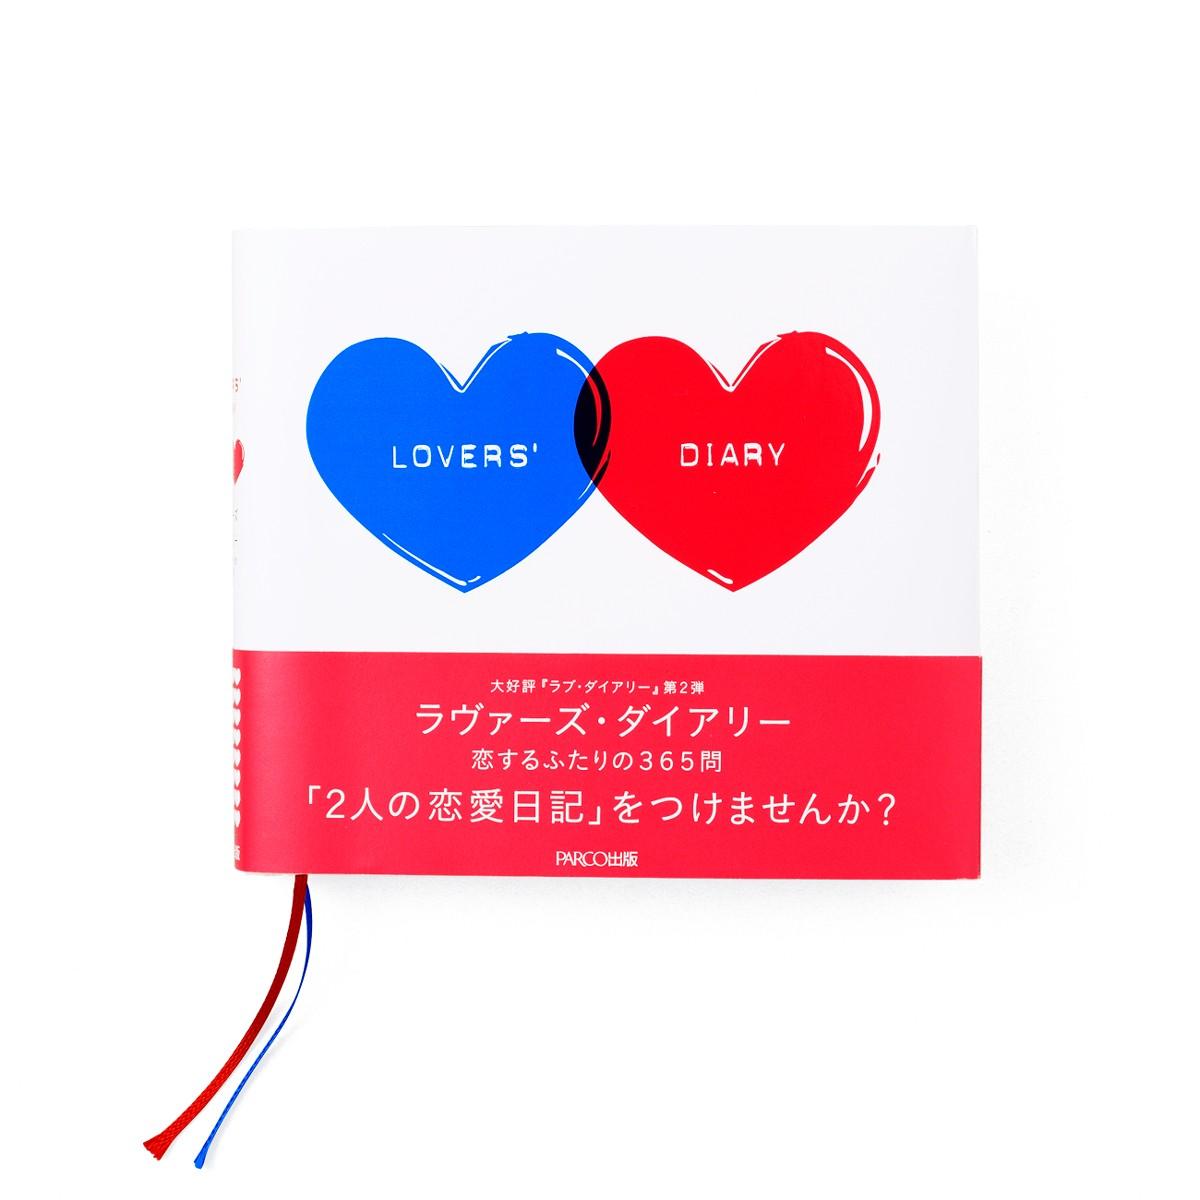 ラヴァーズ・ダイアリー LOVERS-DIARY